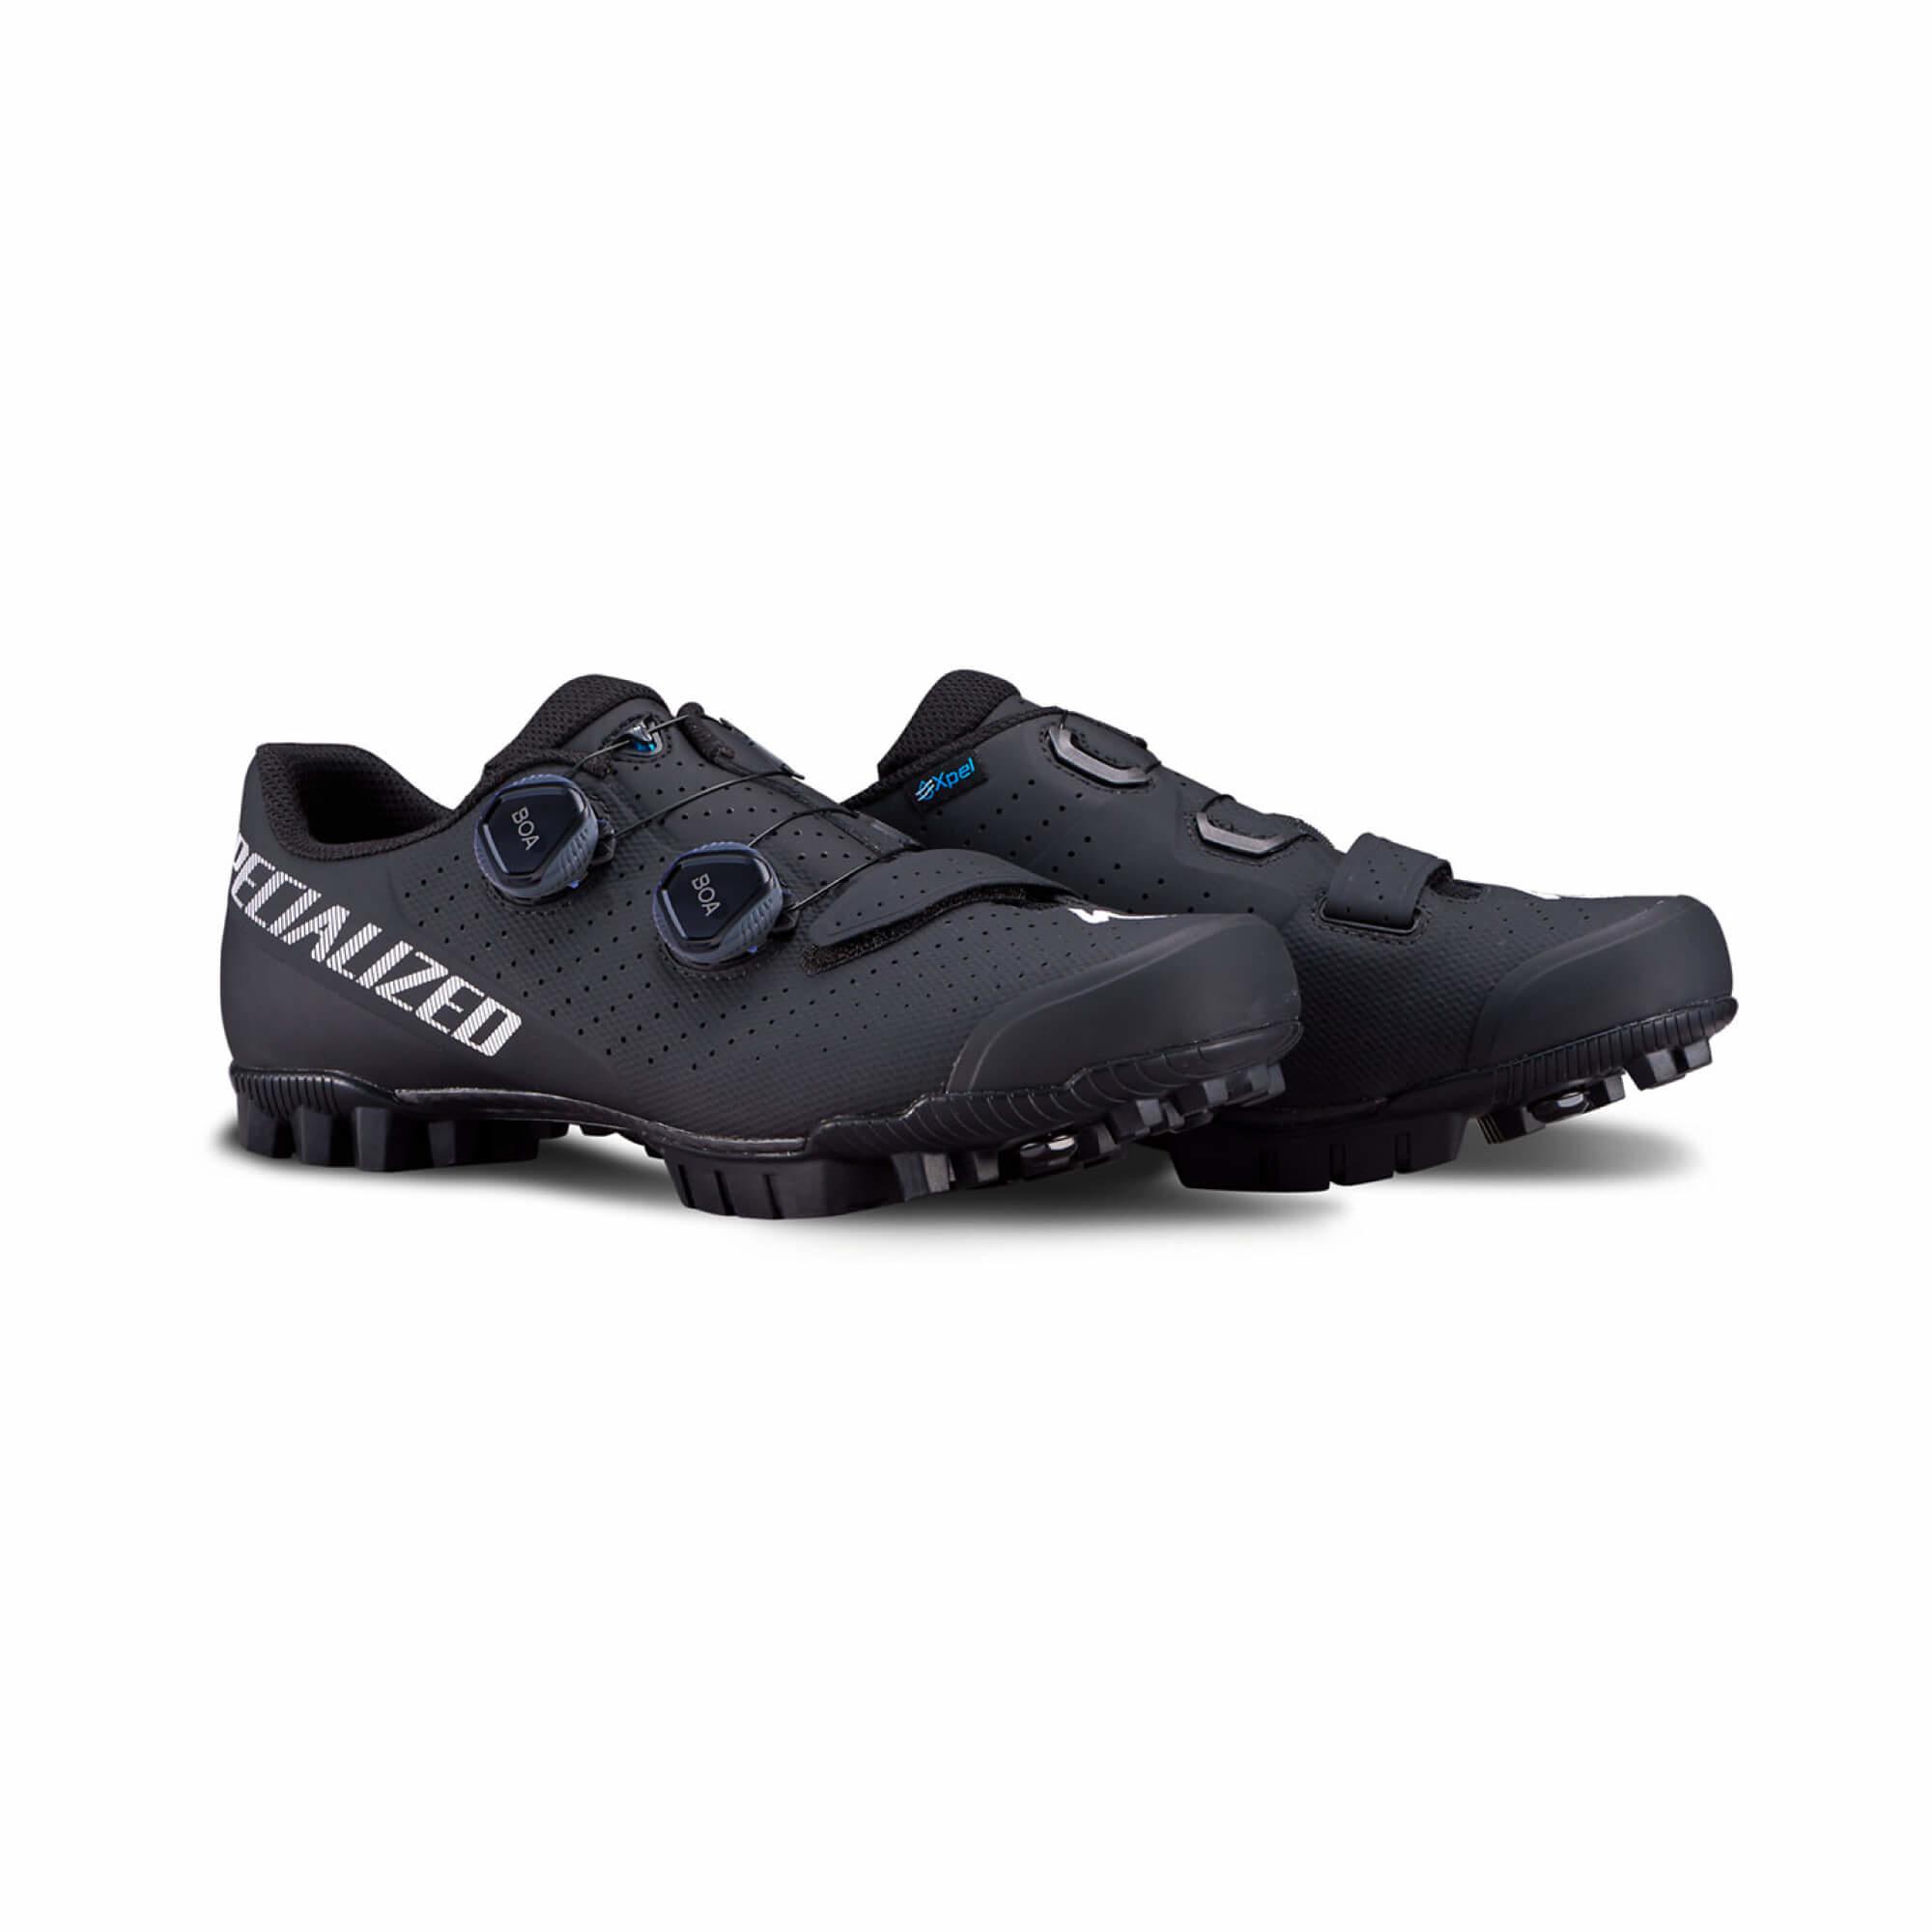 Recon 3.0 Mountain Bike Shoes-4